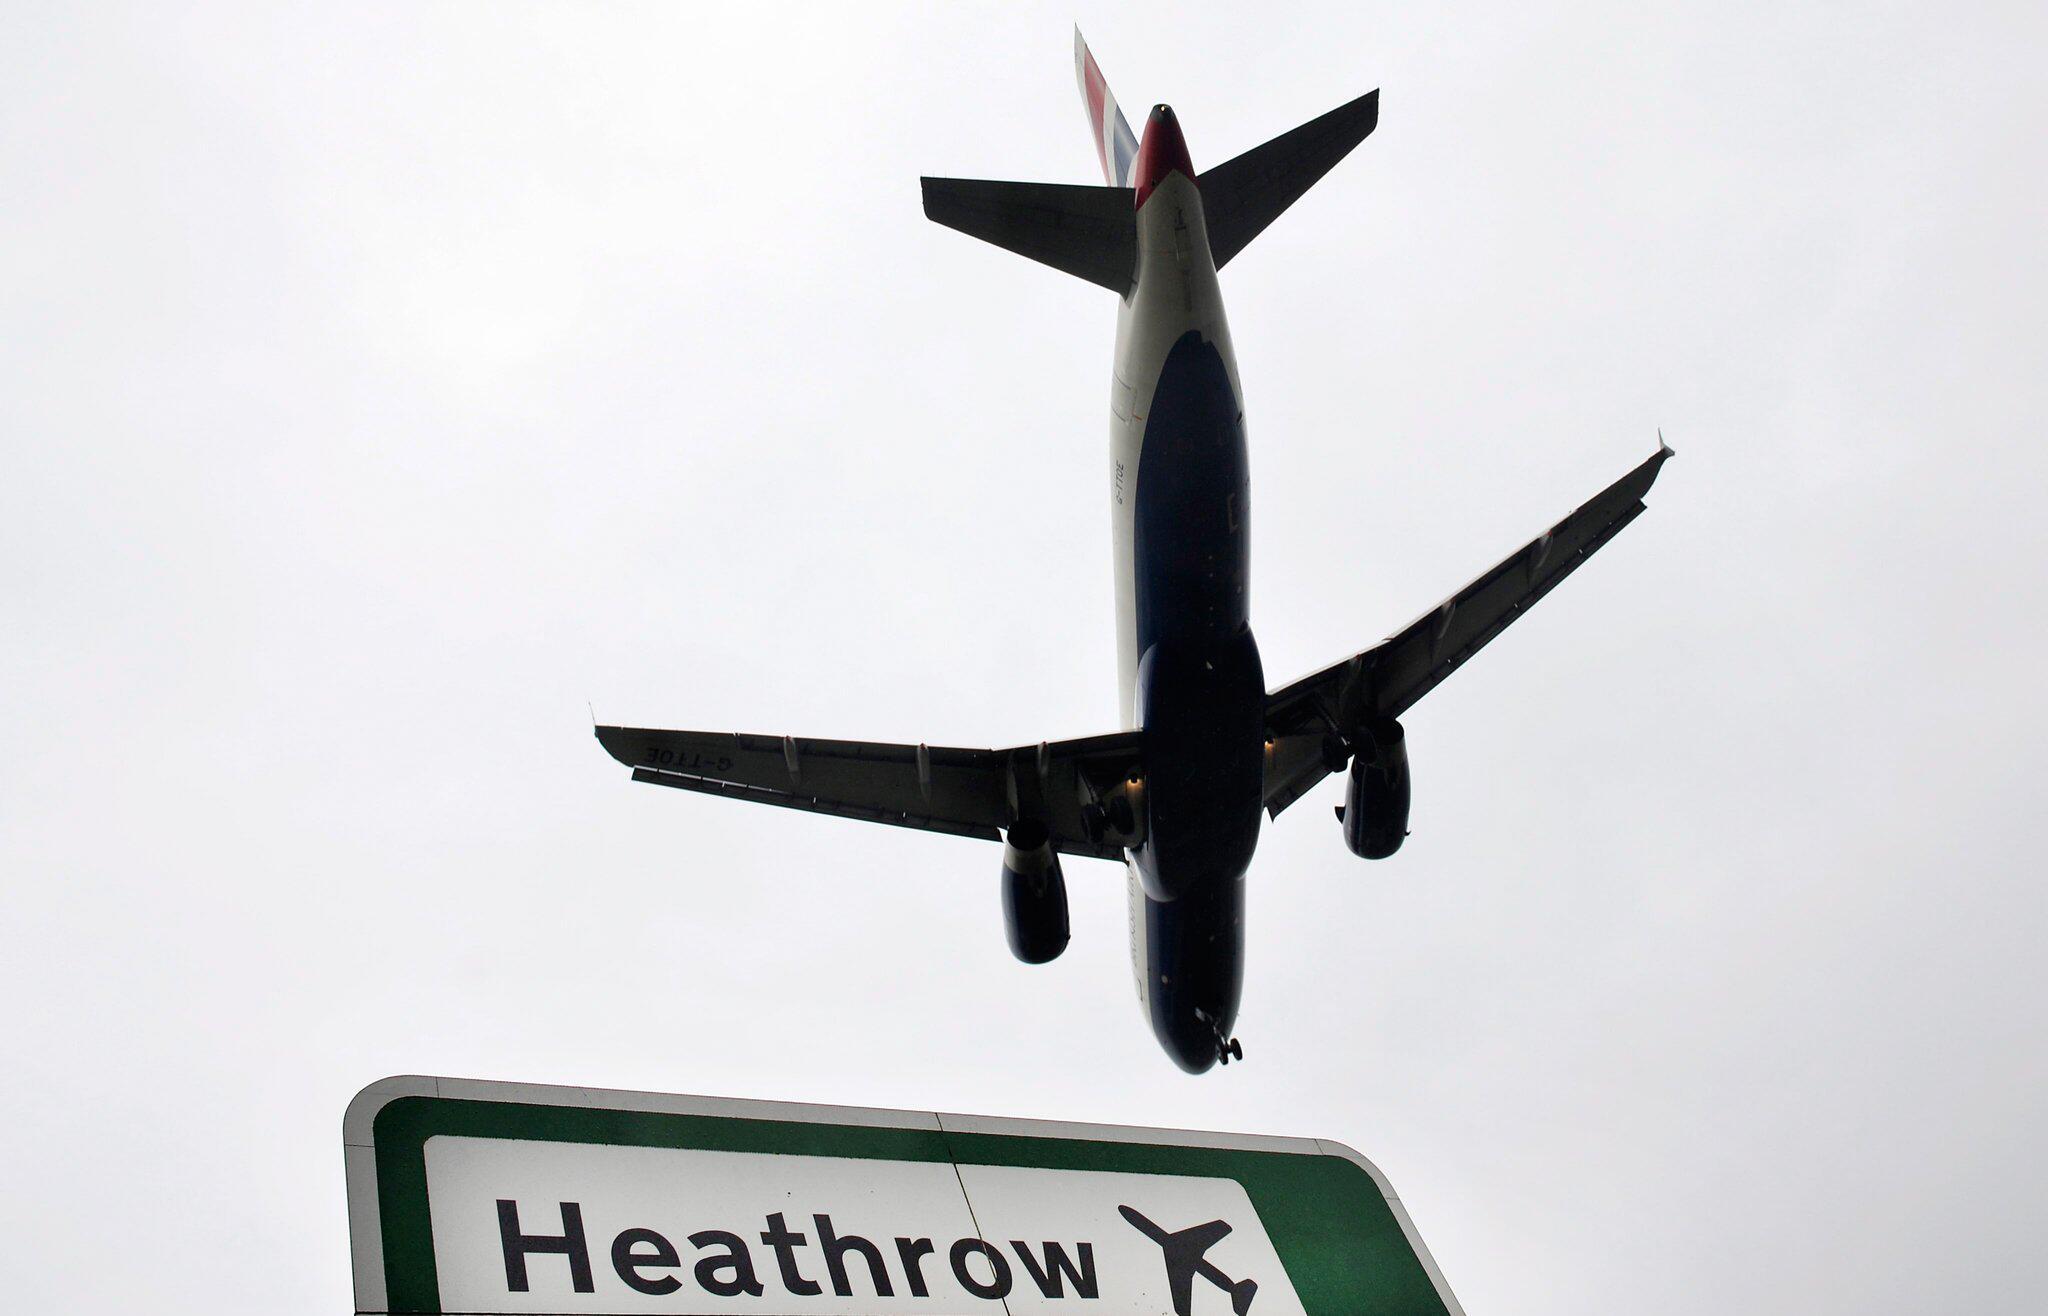 Bild zu Londoner Flughafen Heathrow